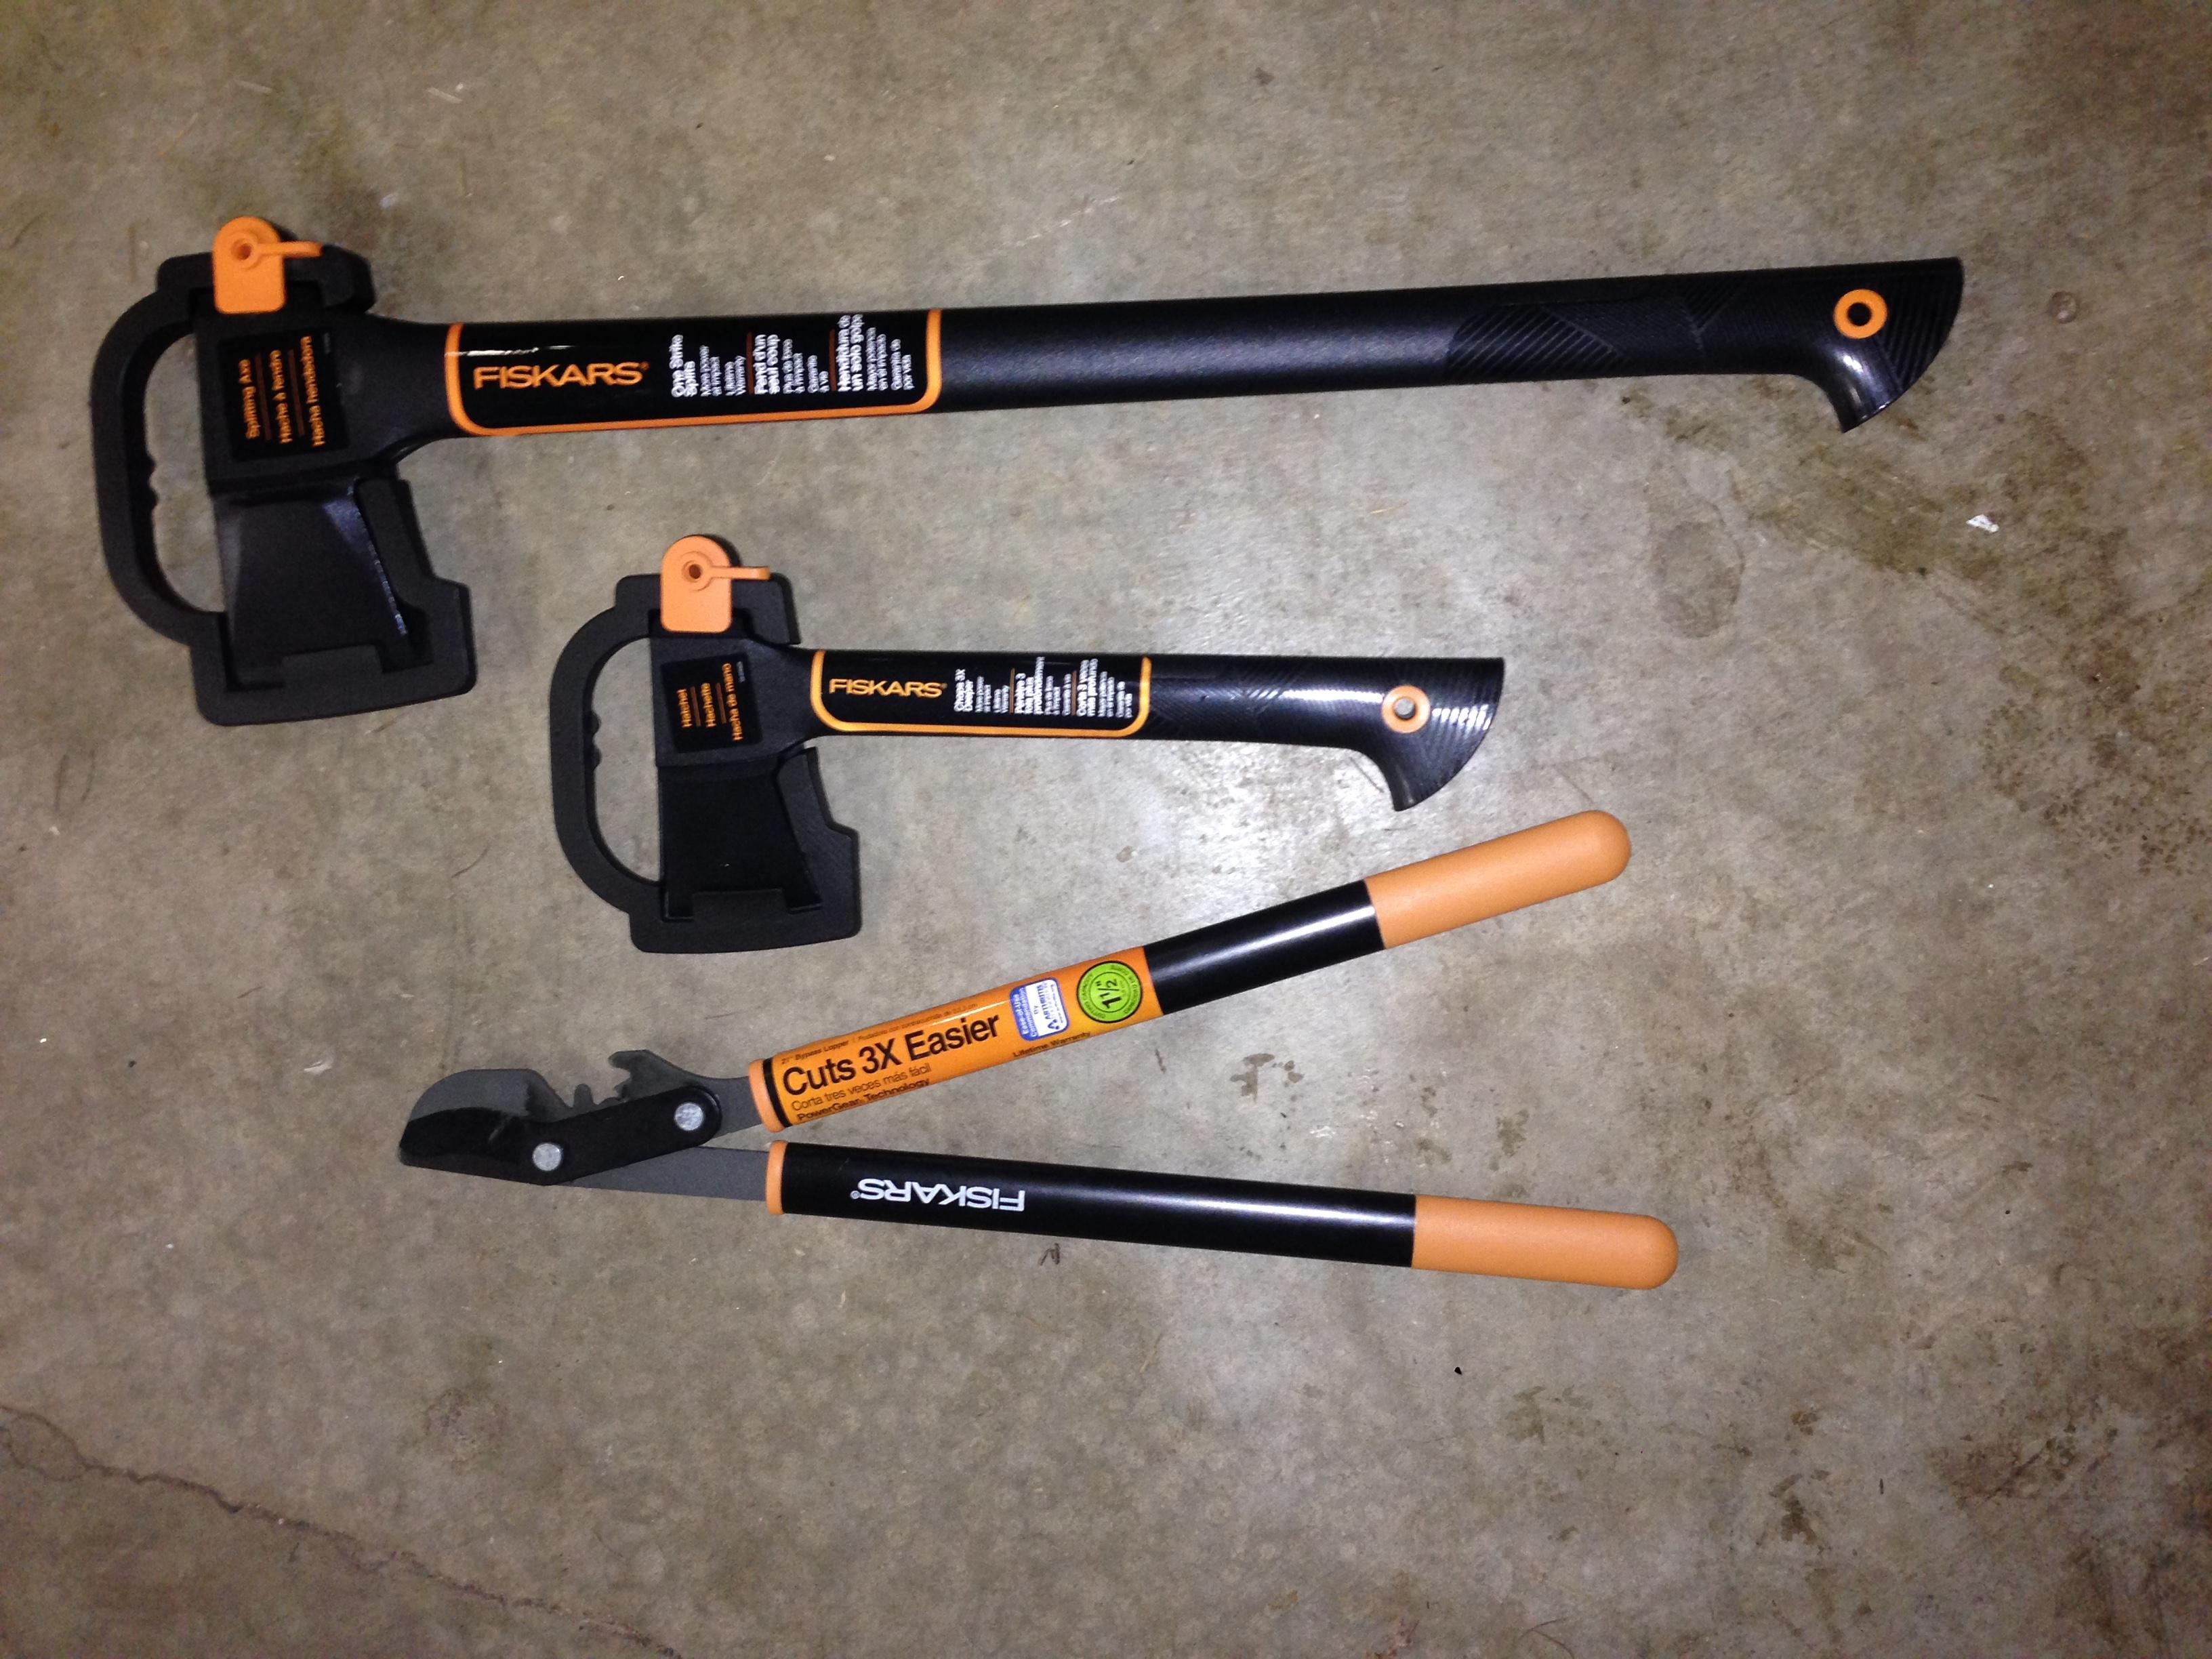 Fiskar tools